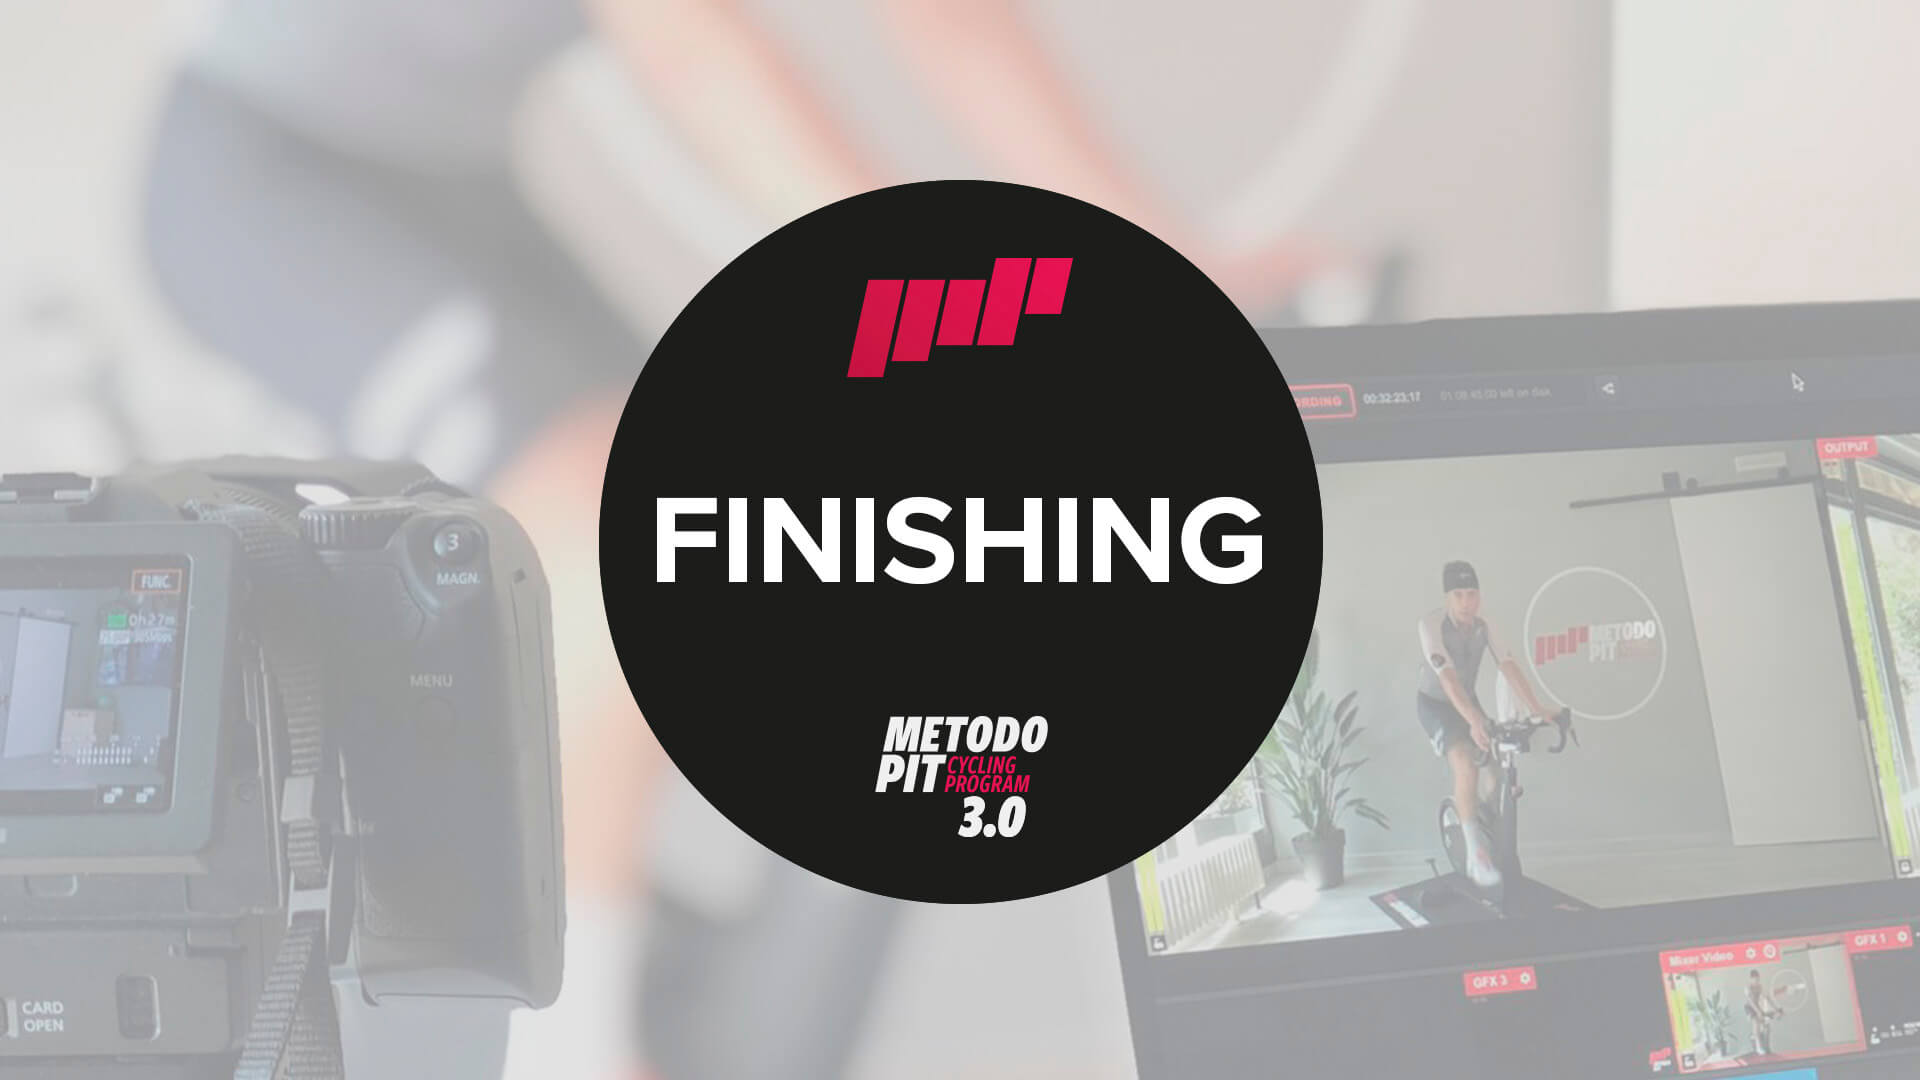 Metodo Pit 3.0 Finishing